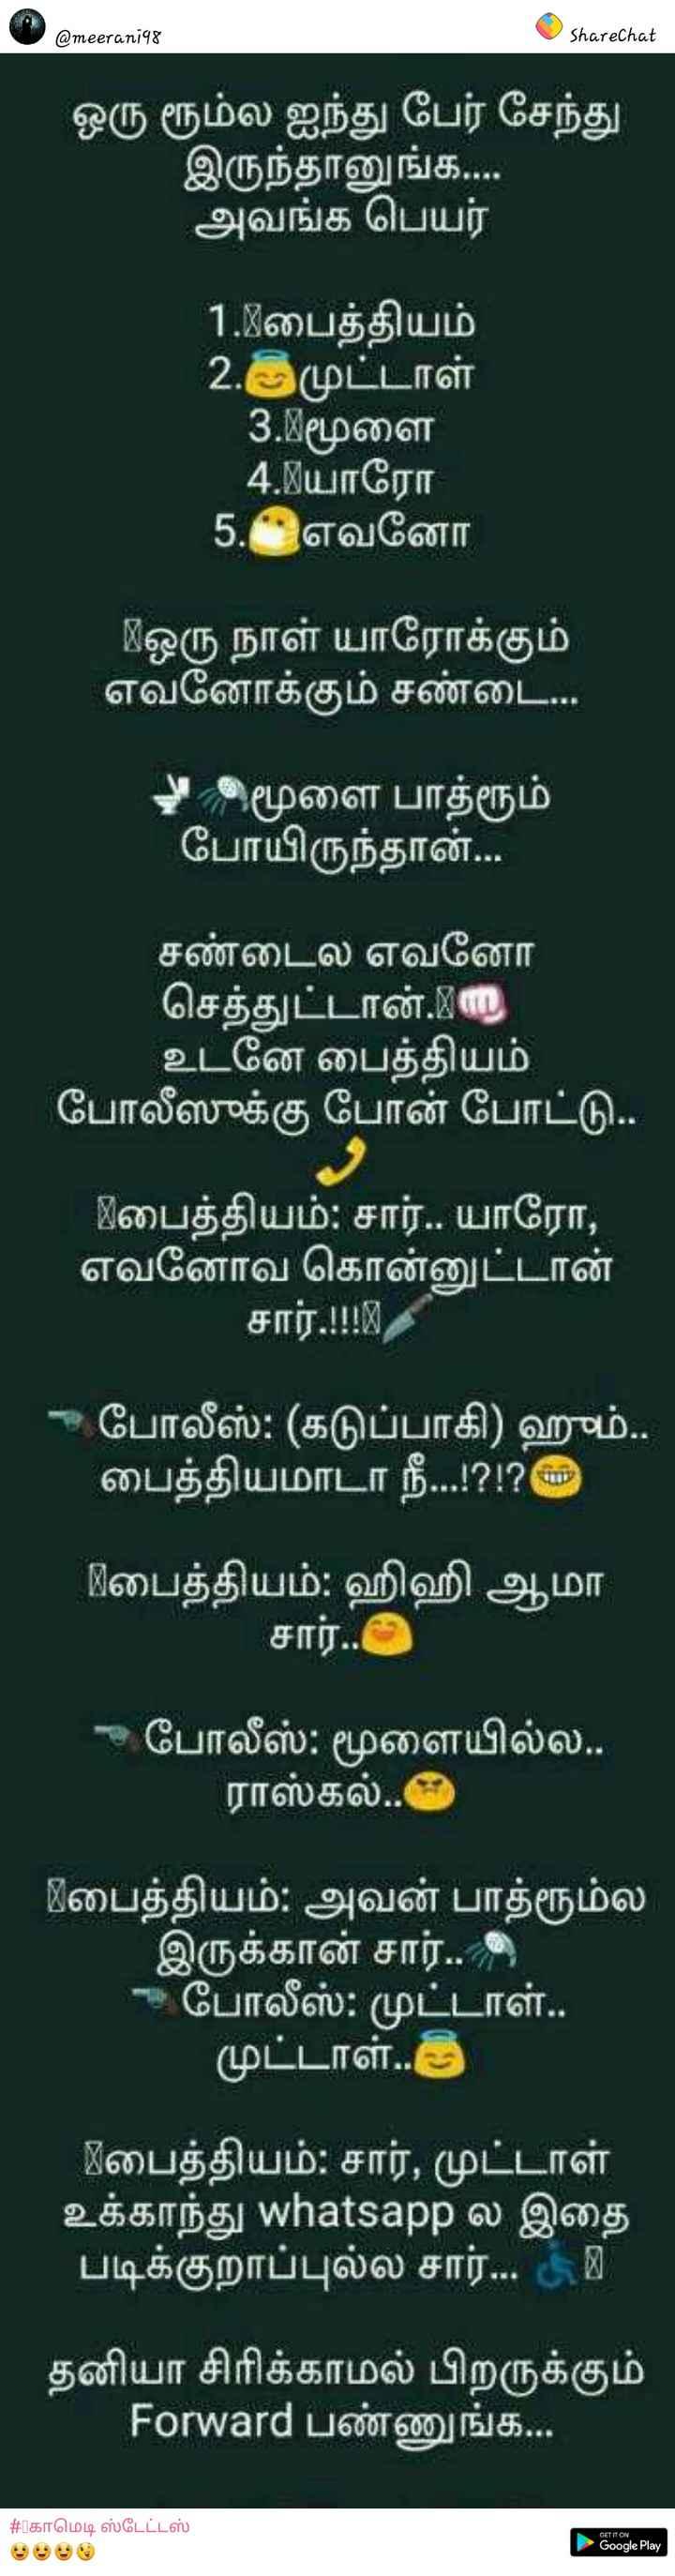 😂 காமெடி கலாட்டா - ShareChat